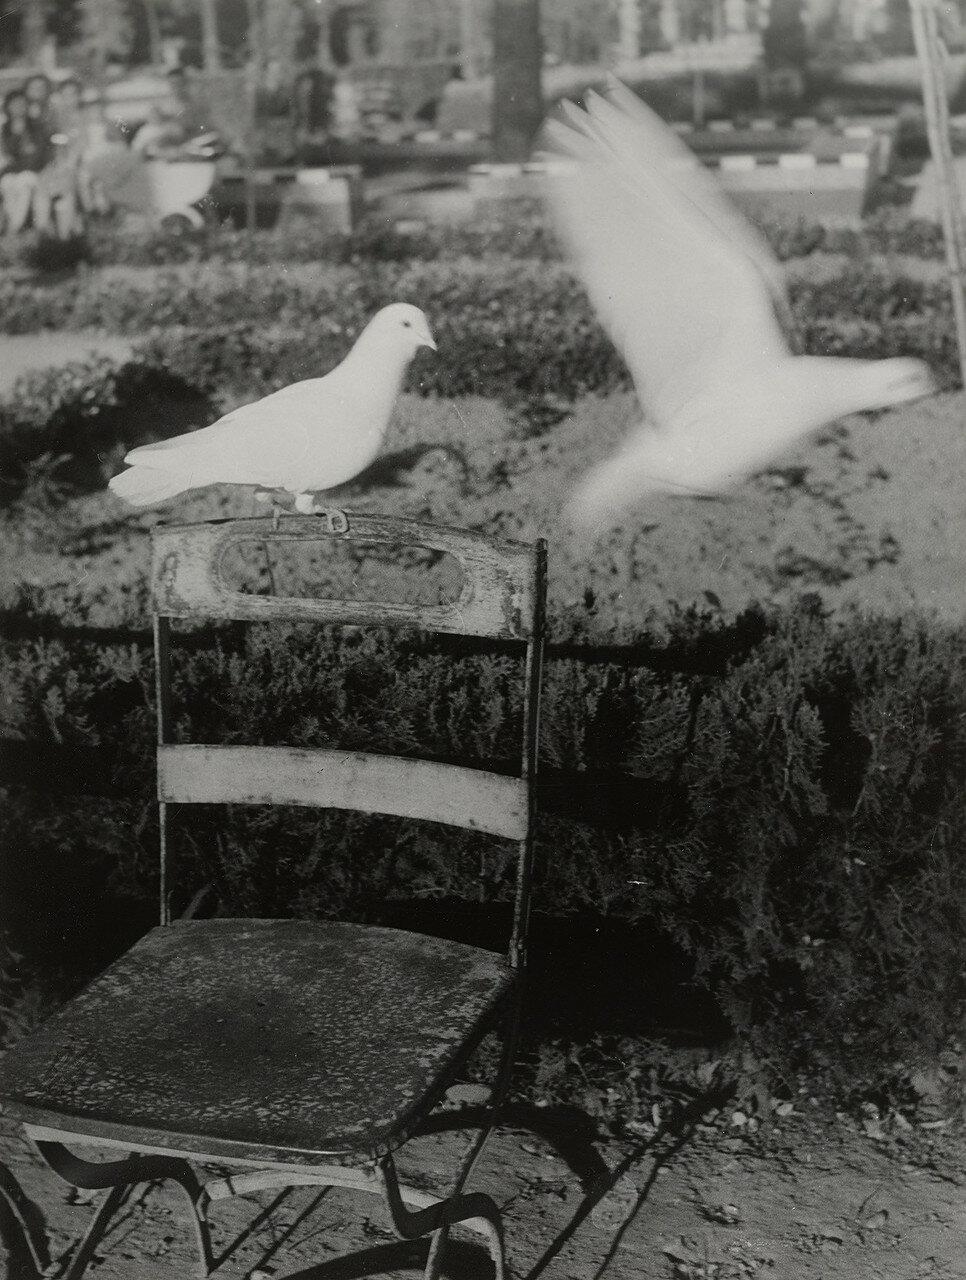 1950. Пара голубей в парке Севильи